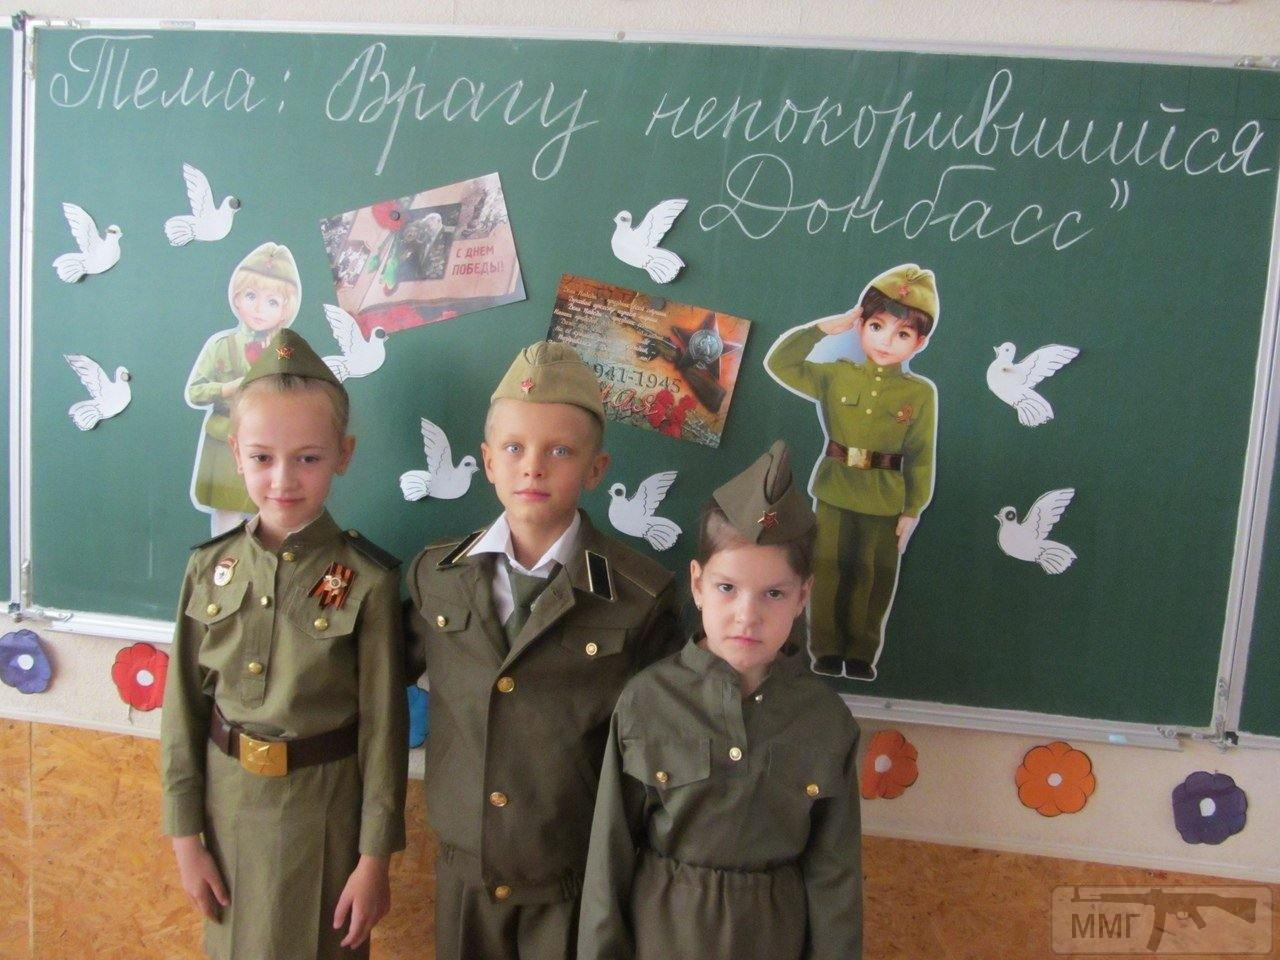 111592 - Оккупированная Украина в фотографиях (2014-...)